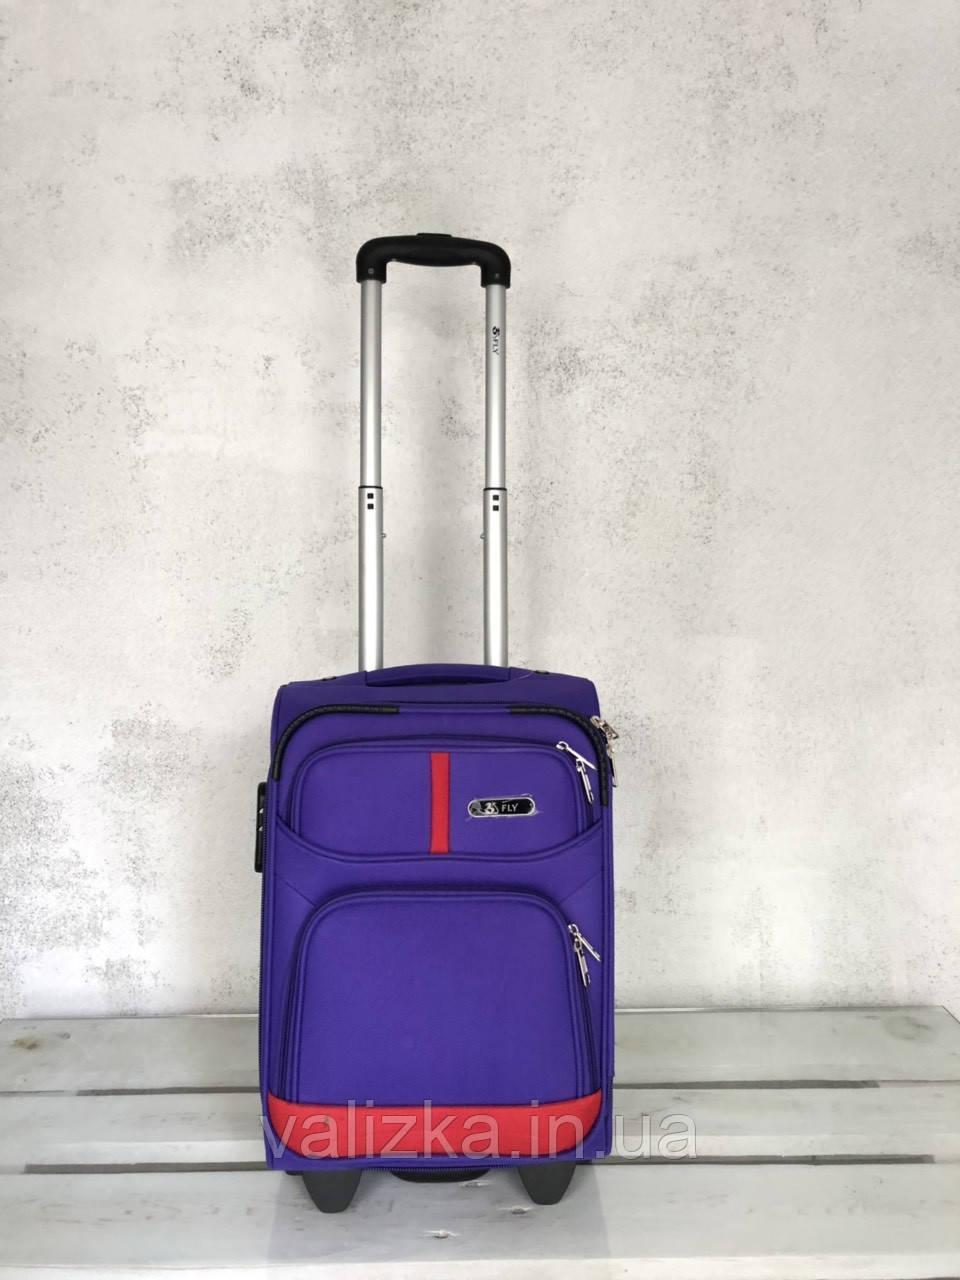 Чемодан тканевый на колесах малый чемодан для ручной клади фиолетовый